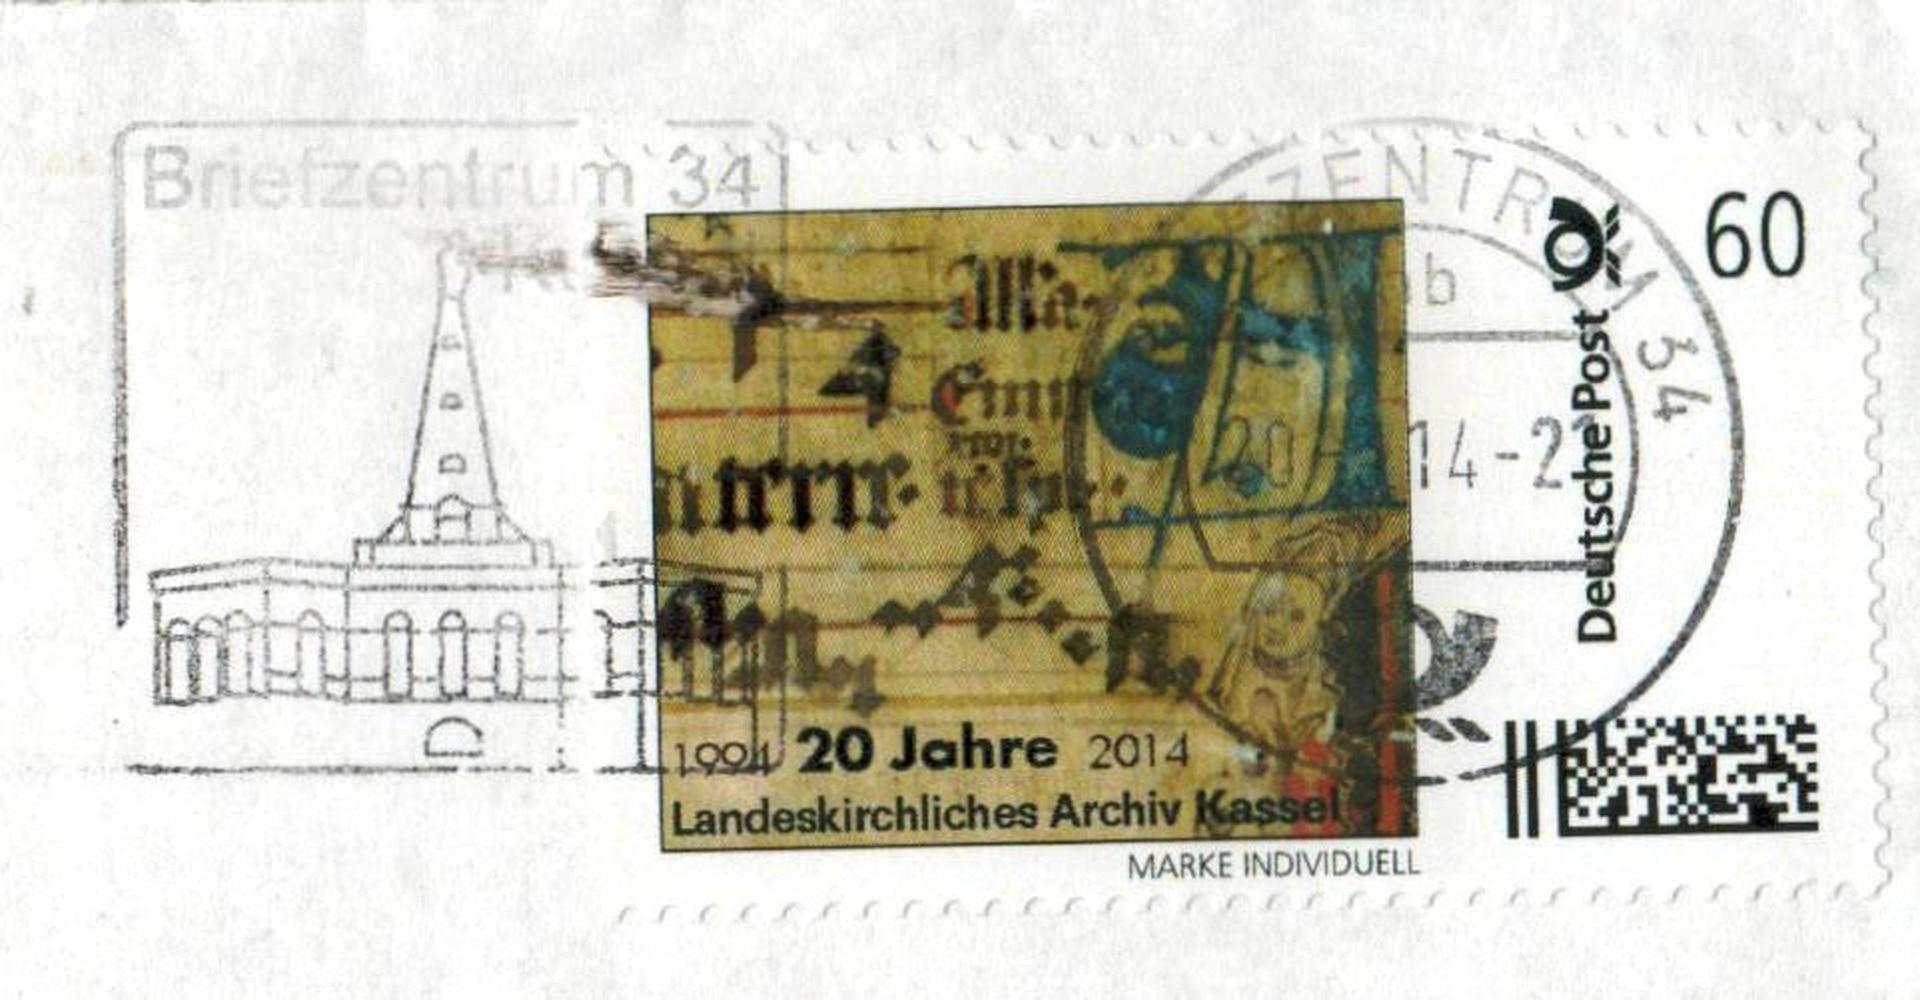 Briefmarke mit Herkulesstempel.jpg